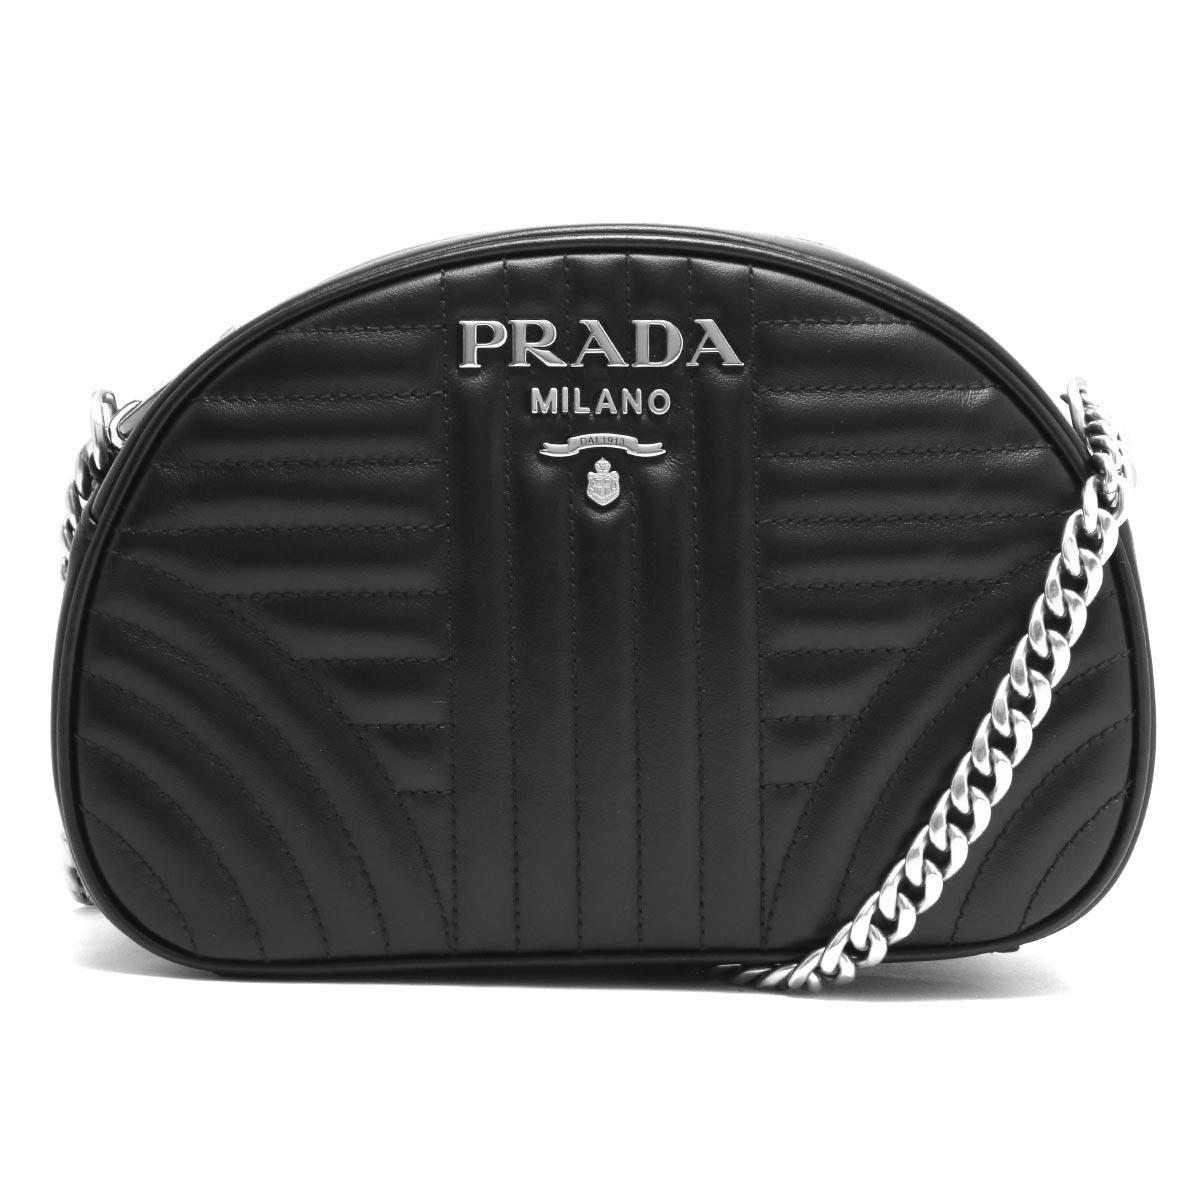 プラダ ショルダーバッグ バッグ レディース ソフトカーフ インプントゥーレ ブラック 1BH147 2D91 F0633 PRADA